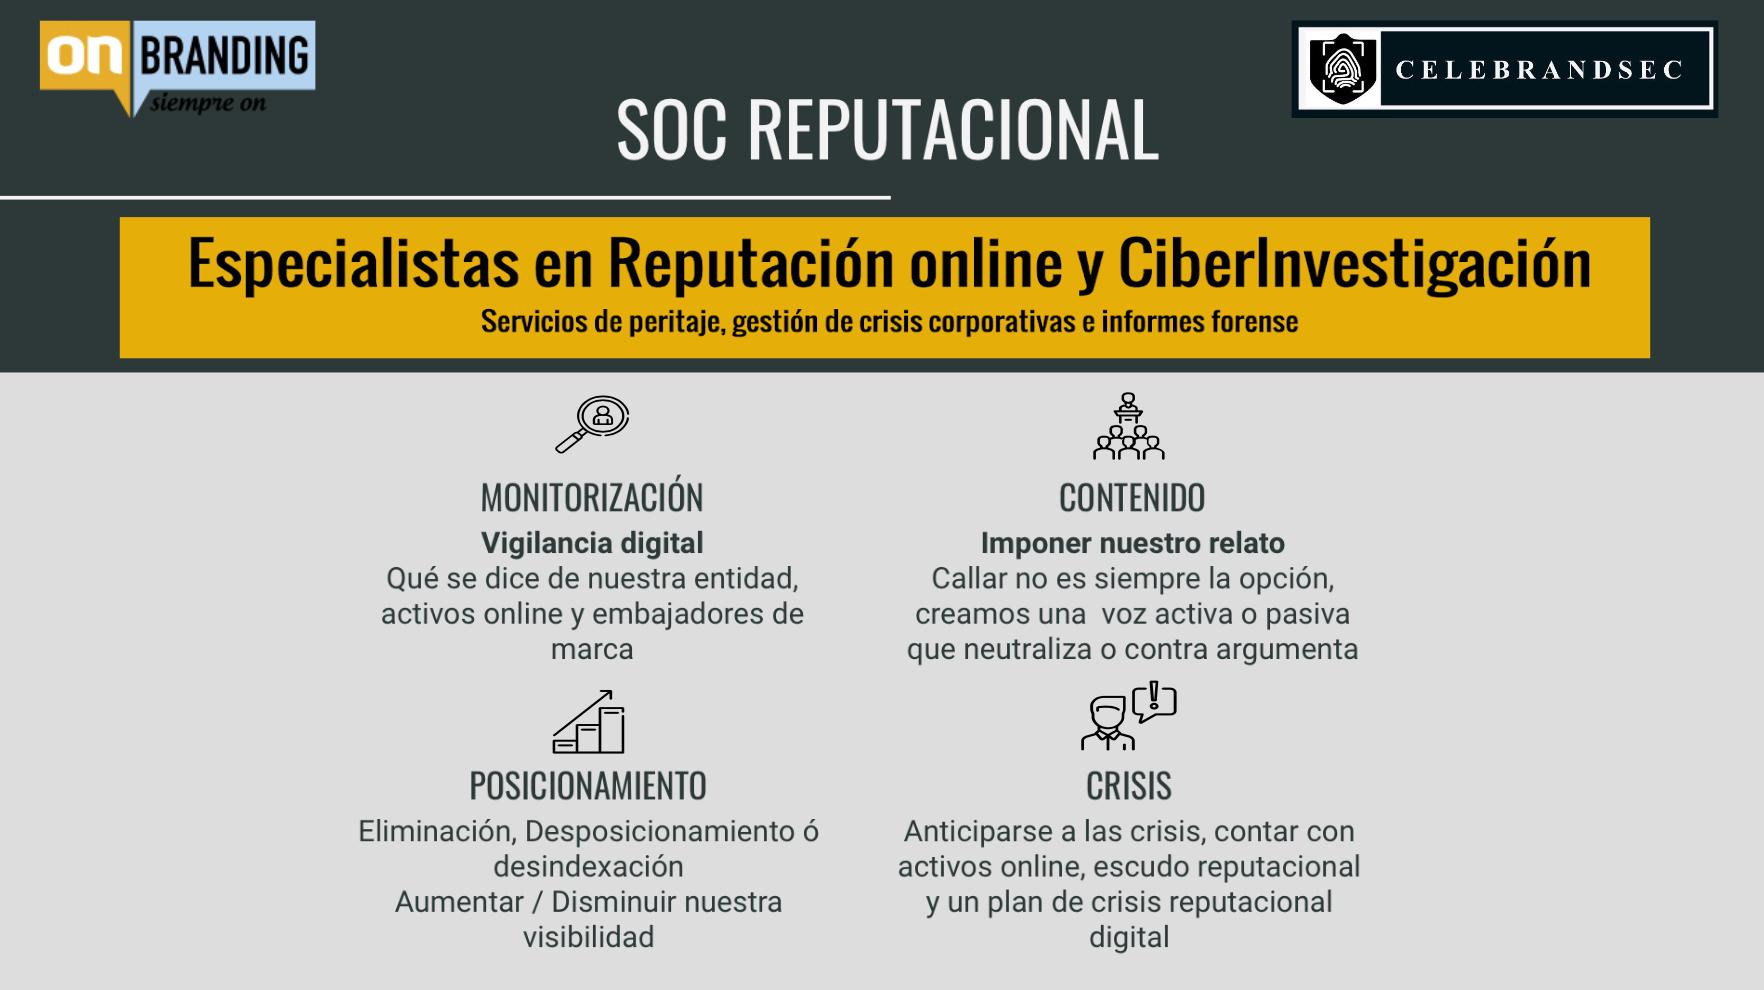 onBranding-SOC Reputacional - Respuesta a incidentes reputacionales, Ciberseguridad, y Monitorización